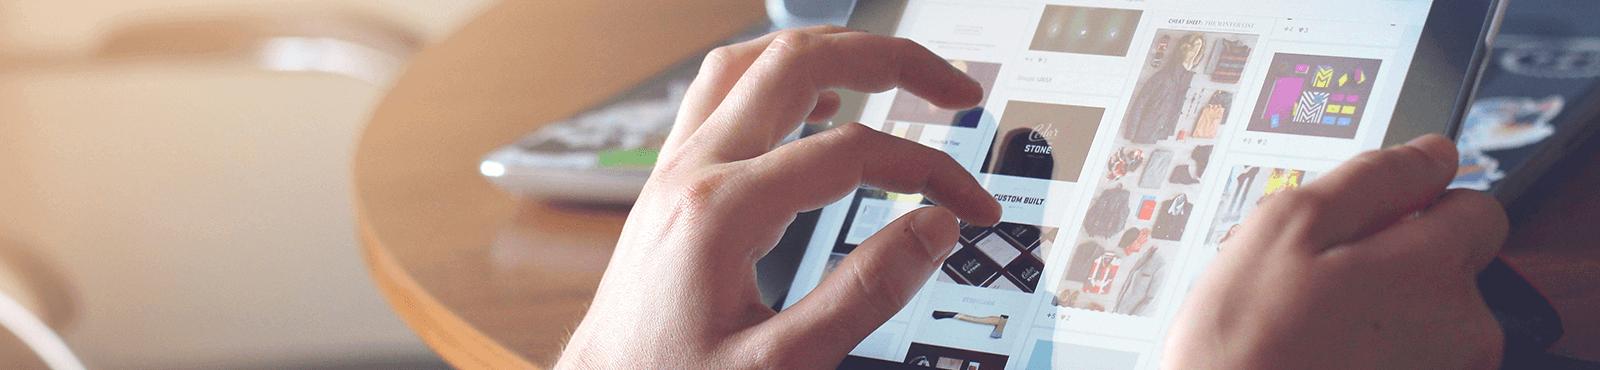 Einen Webshop eröffnen? Die 10 wichtigsten Tipps